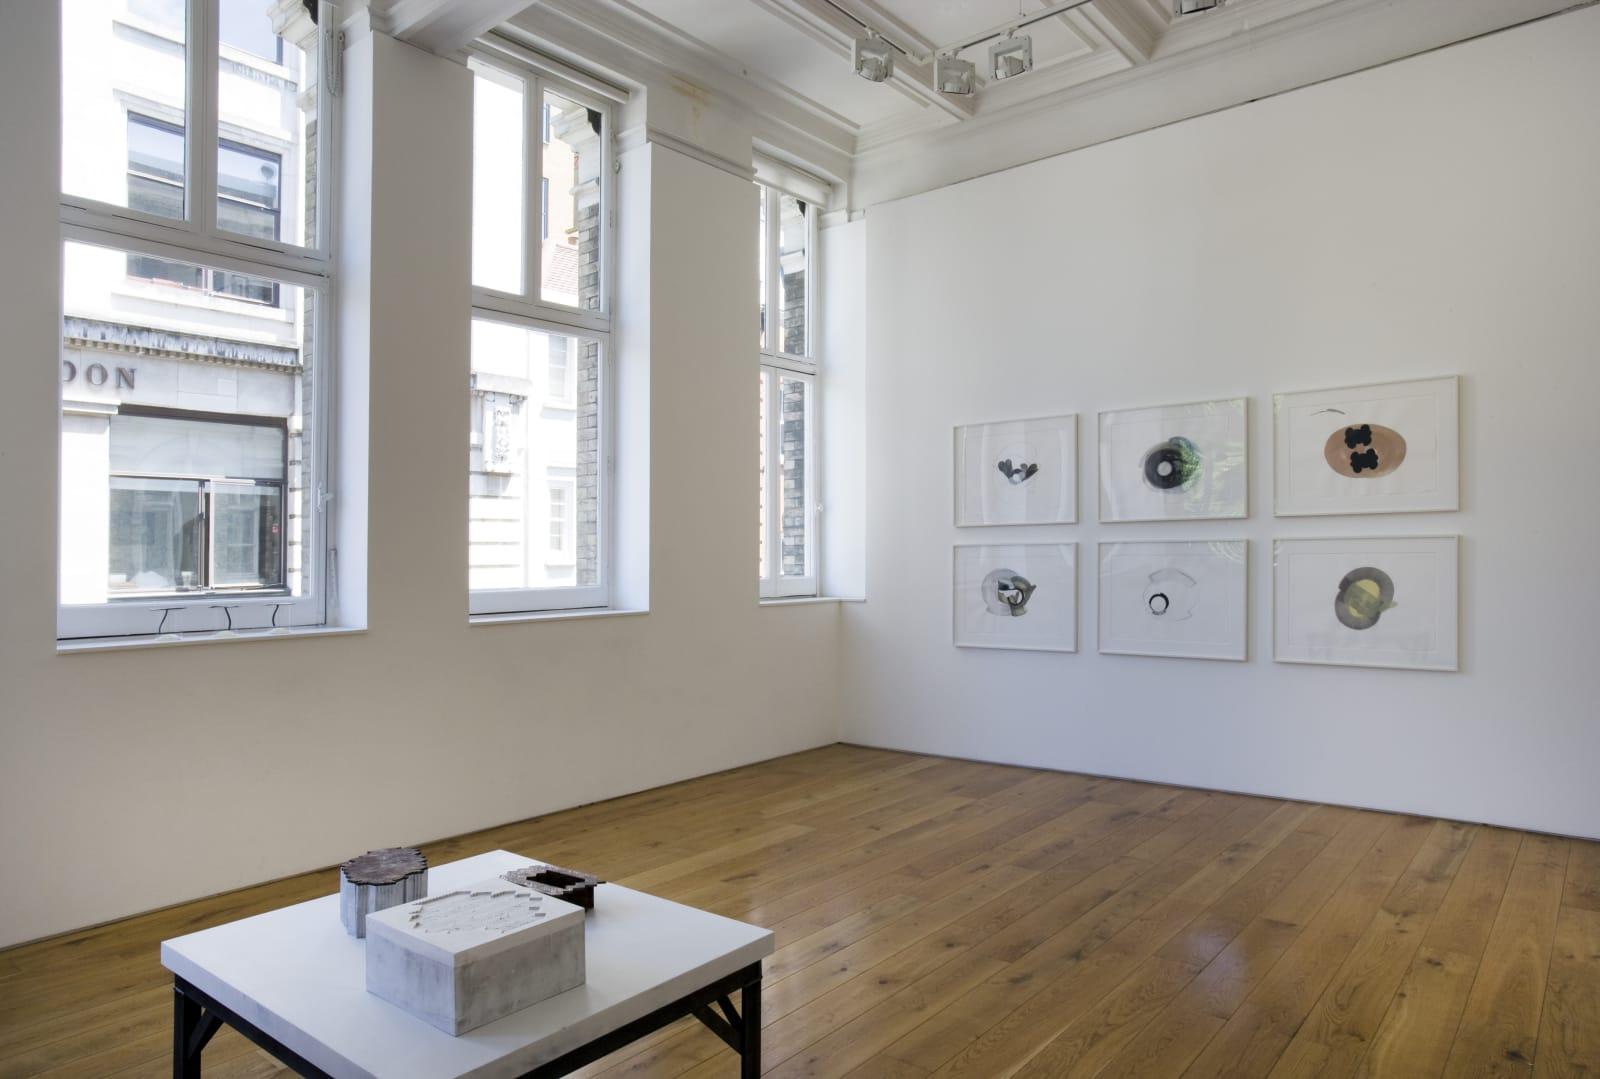 Installation view, Karsten Schubert, 2010